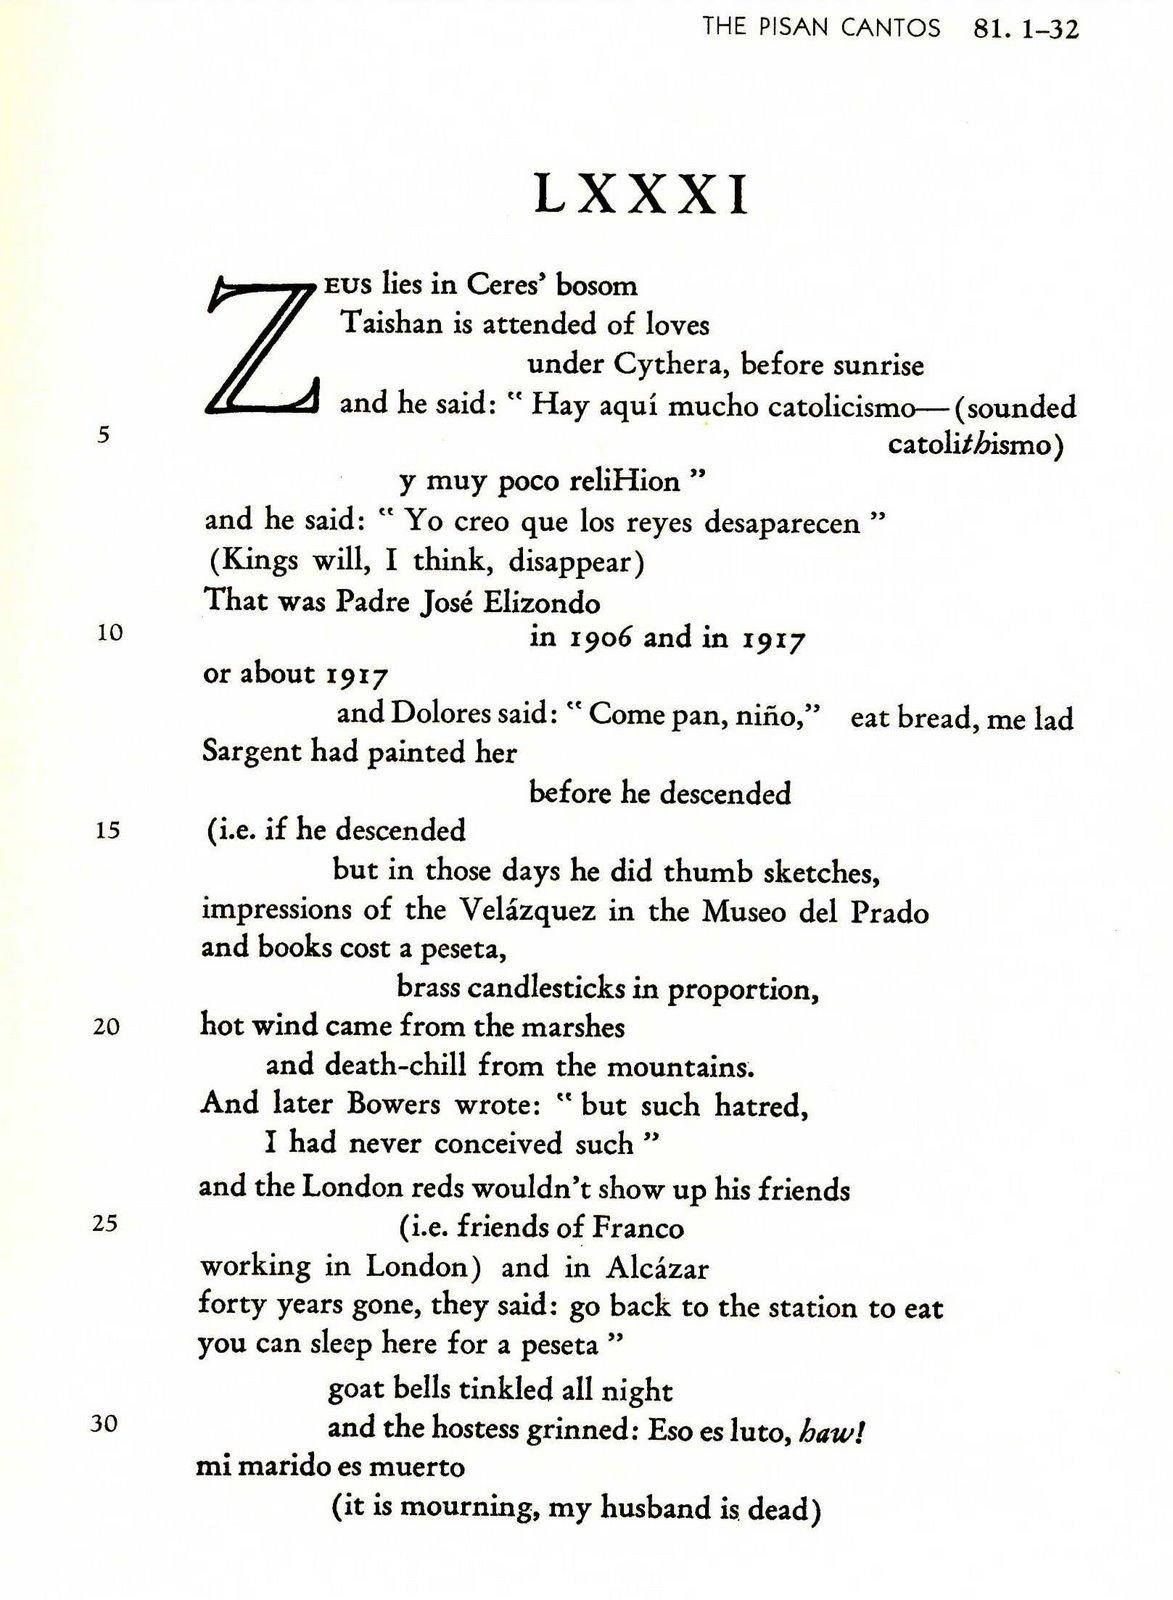 I Cantos di Ezra Pound non sono ancora disponibili in ebook. La formattazione è complessa ma non impossibile. In ogni caso i testi poetici pubblicati nel 2013 sono raddoppiati rispetto all'anno precedente.